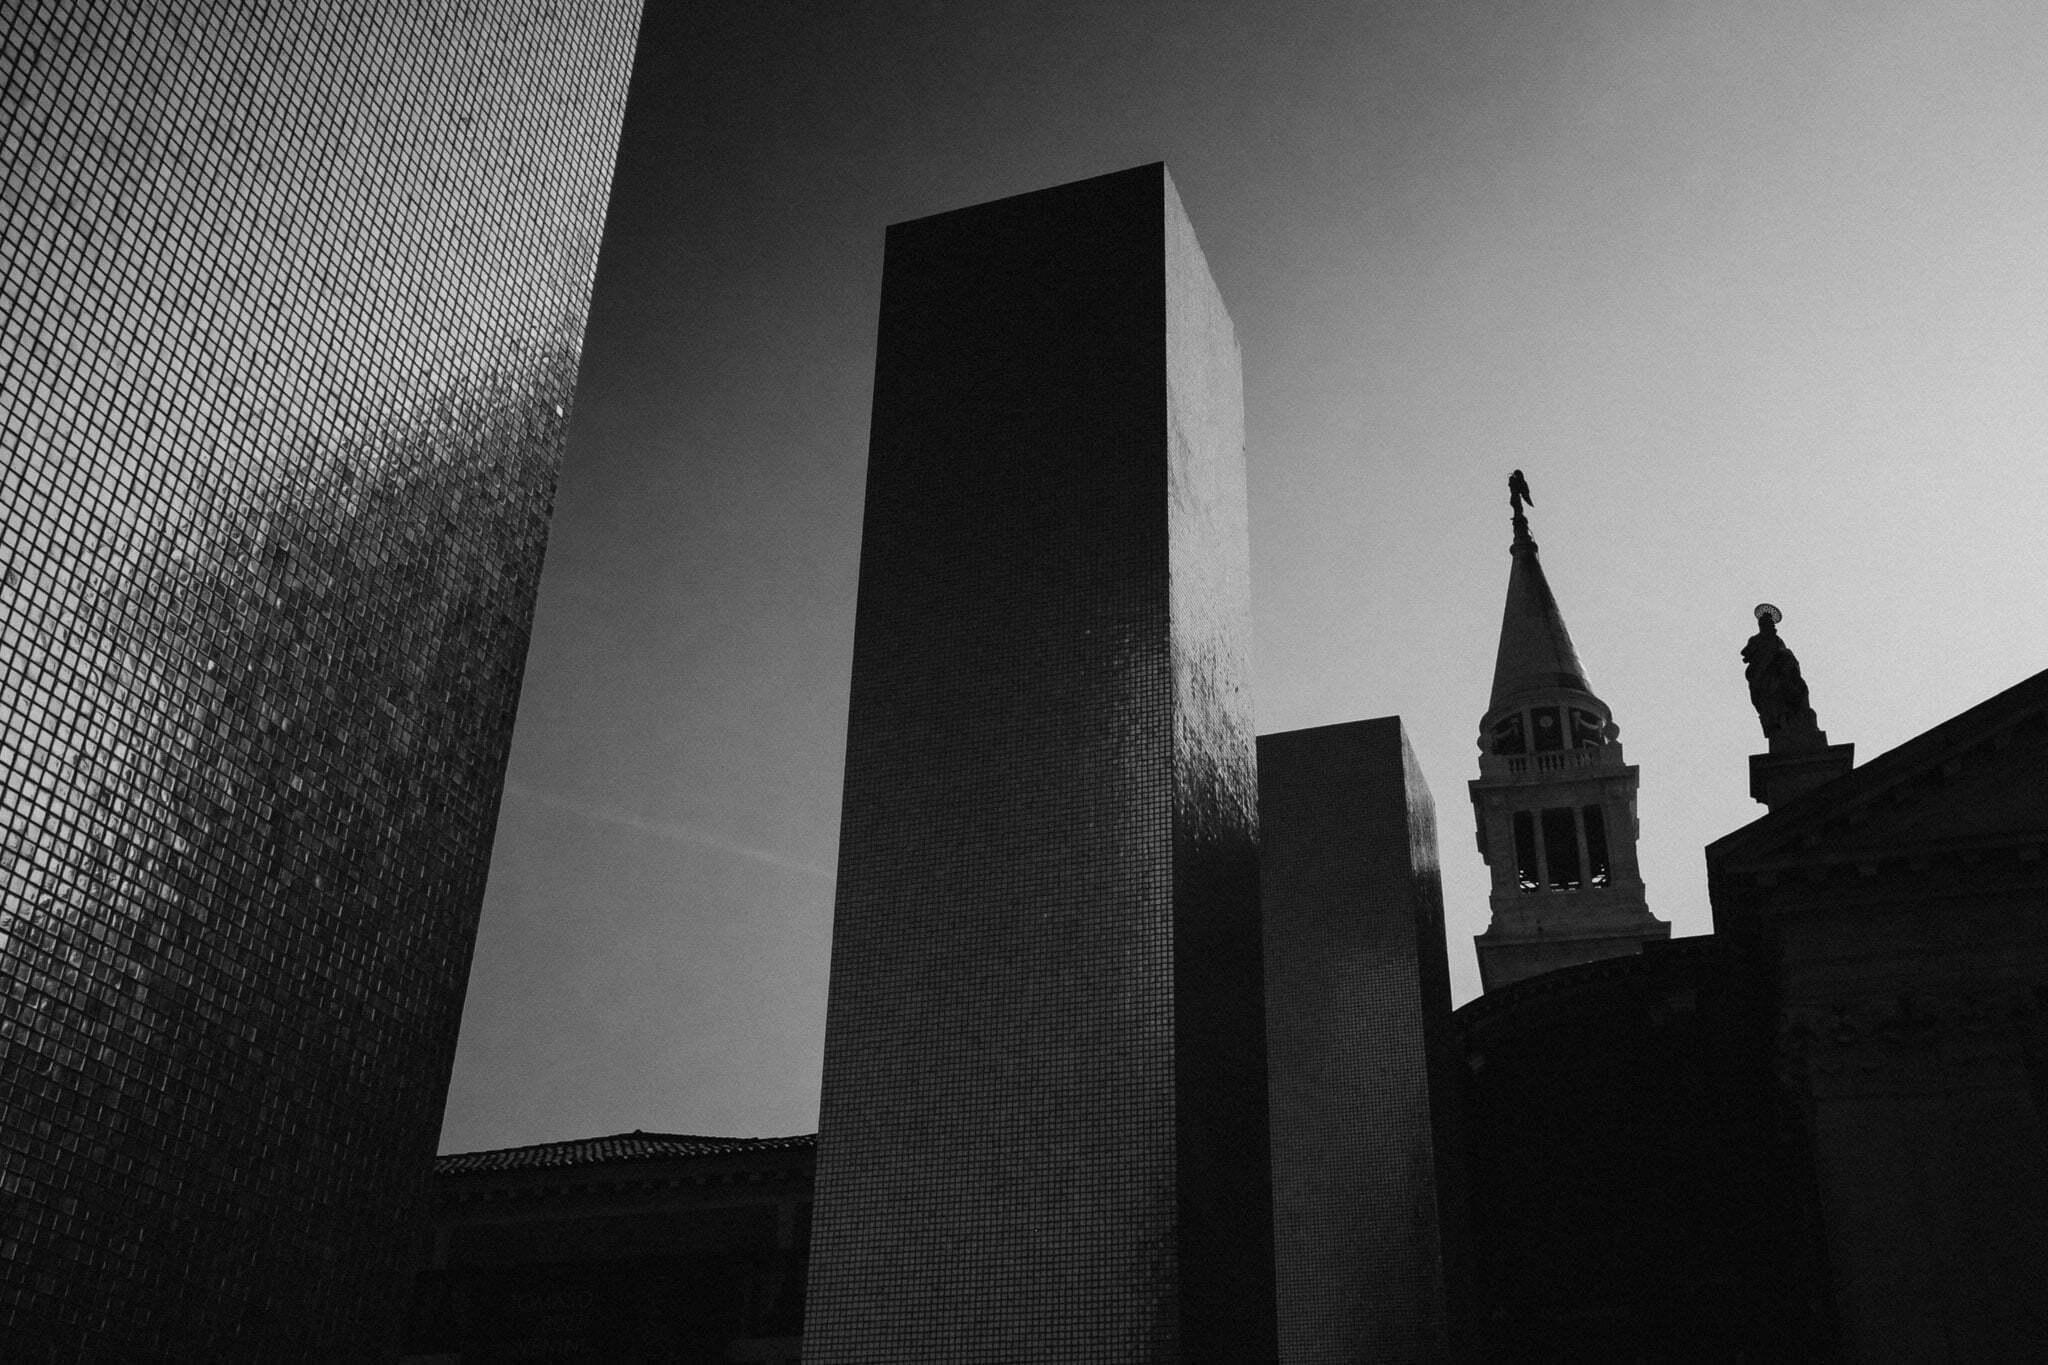 venice-architecture-biennale-2014-golden-columns-7791